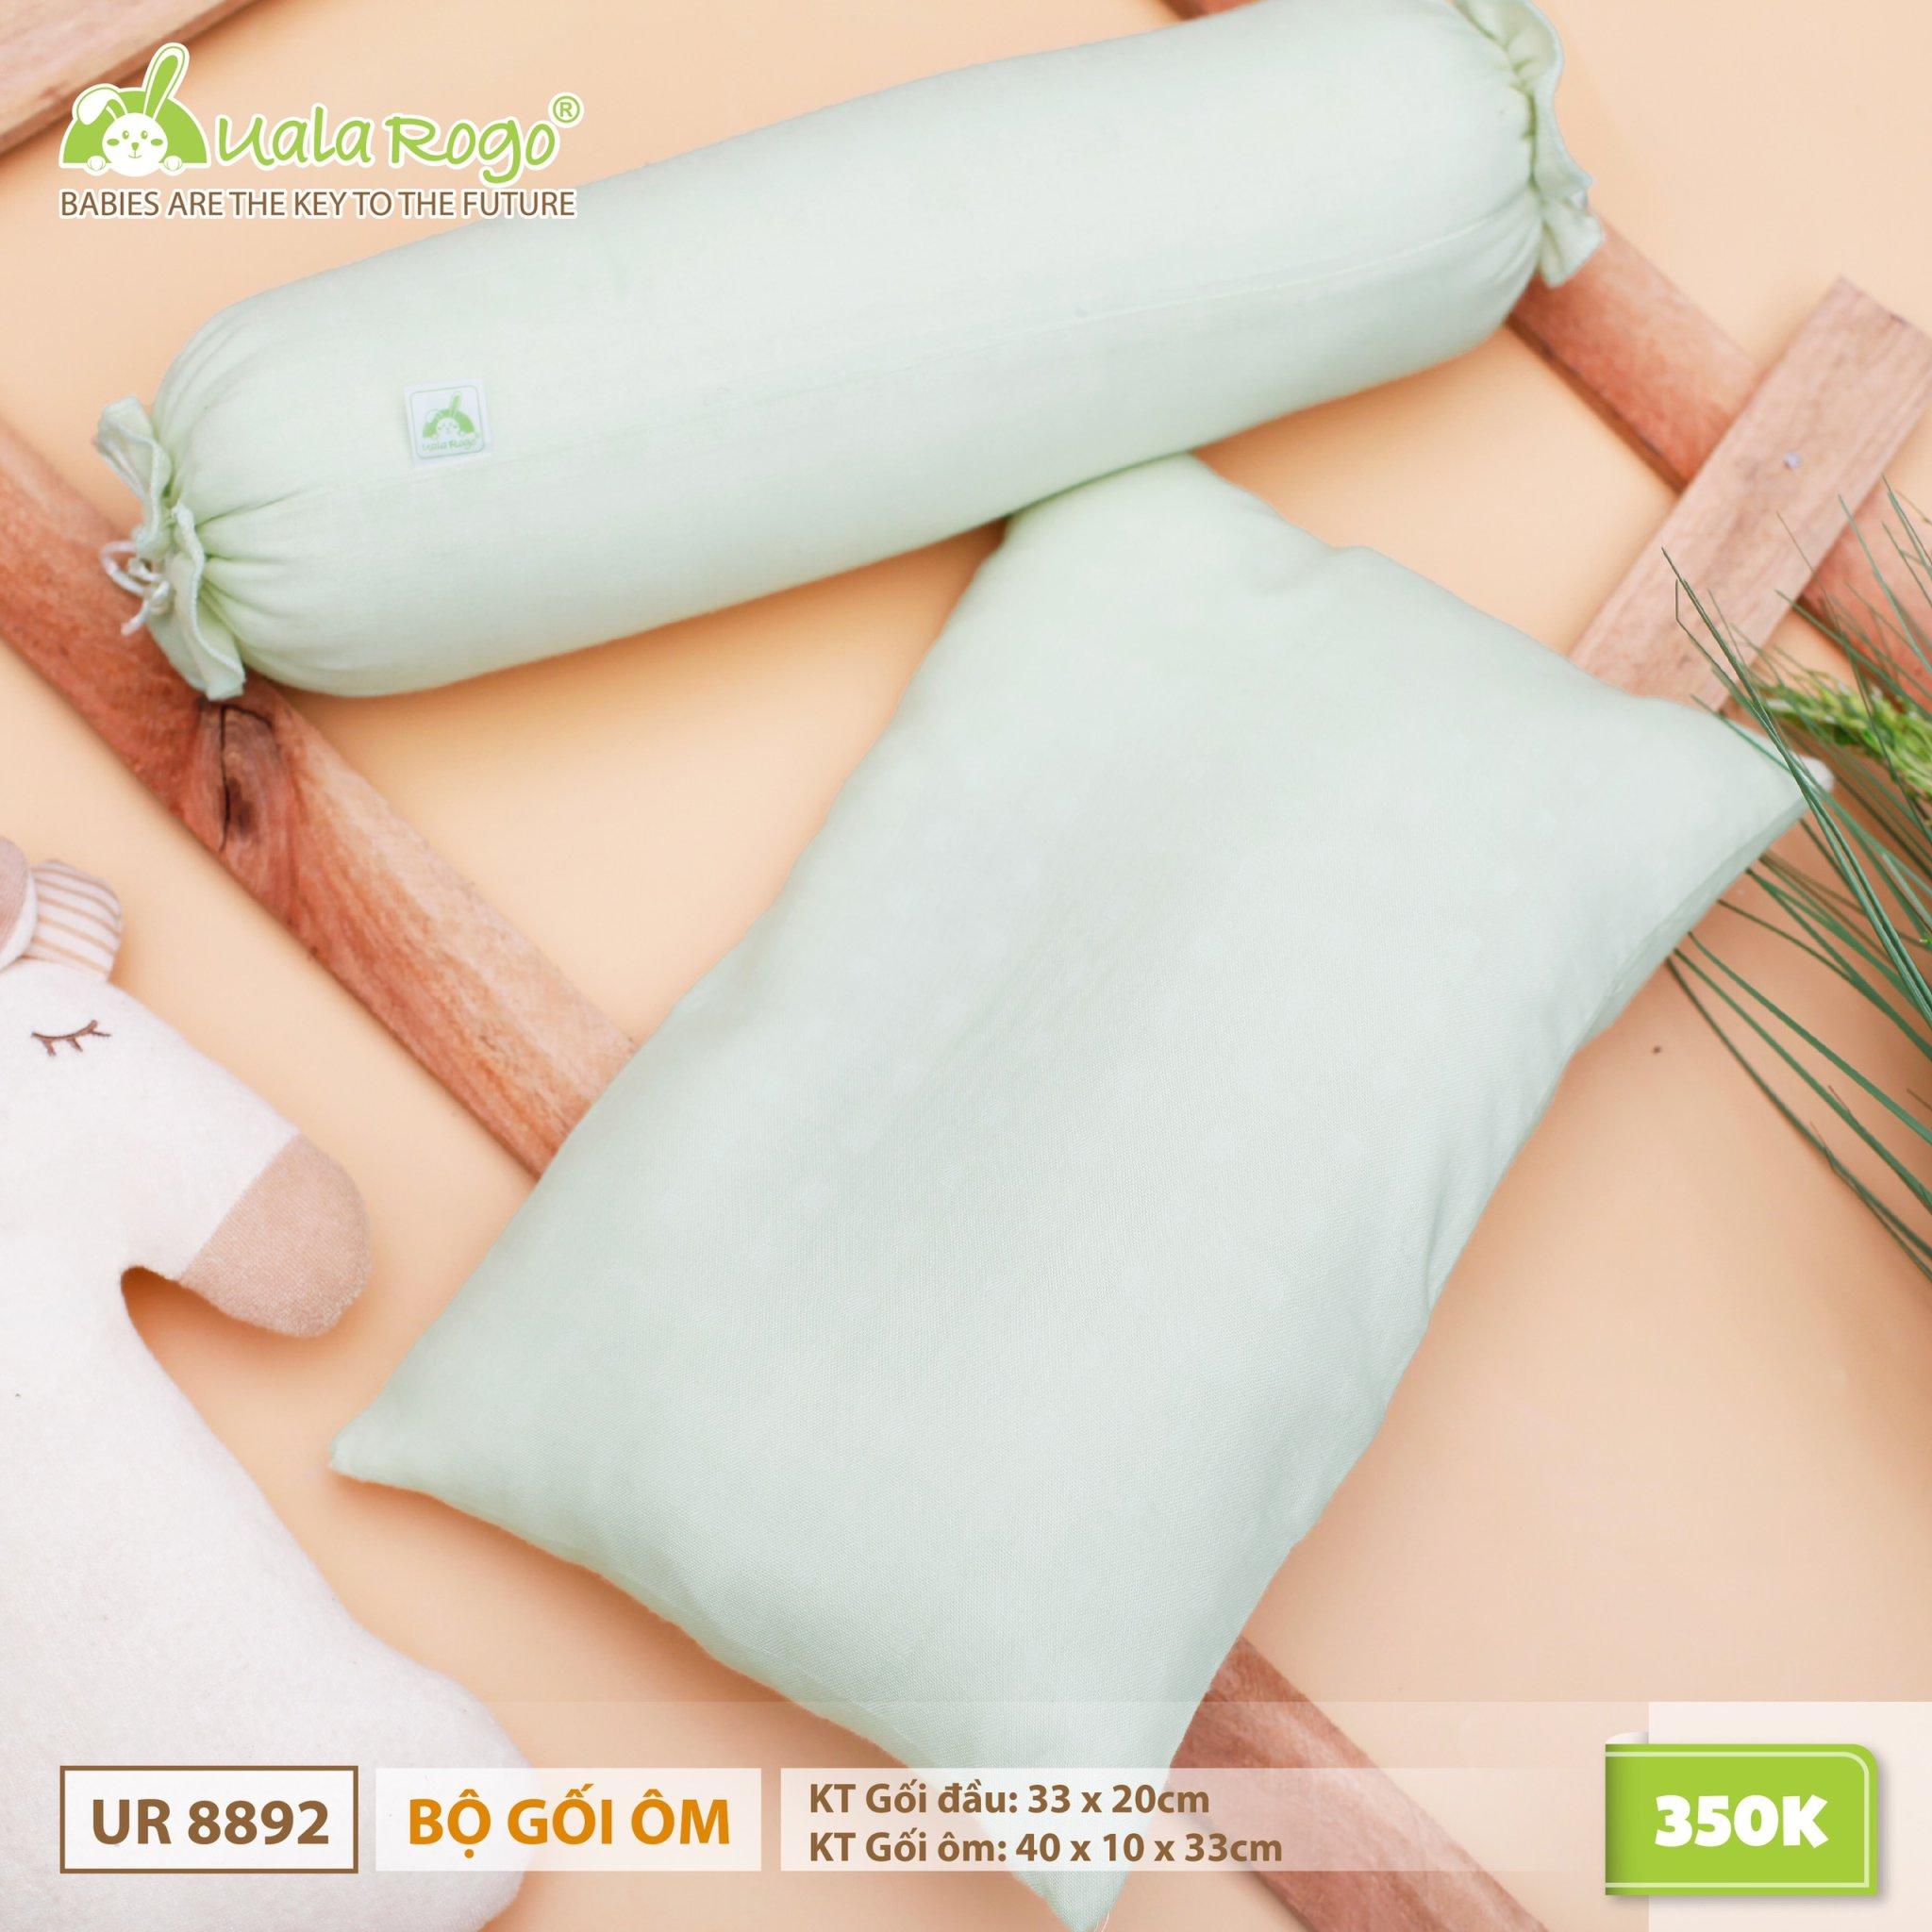 UR8892.3 – Bộ gối ôm bông nano - Màu xanh lá